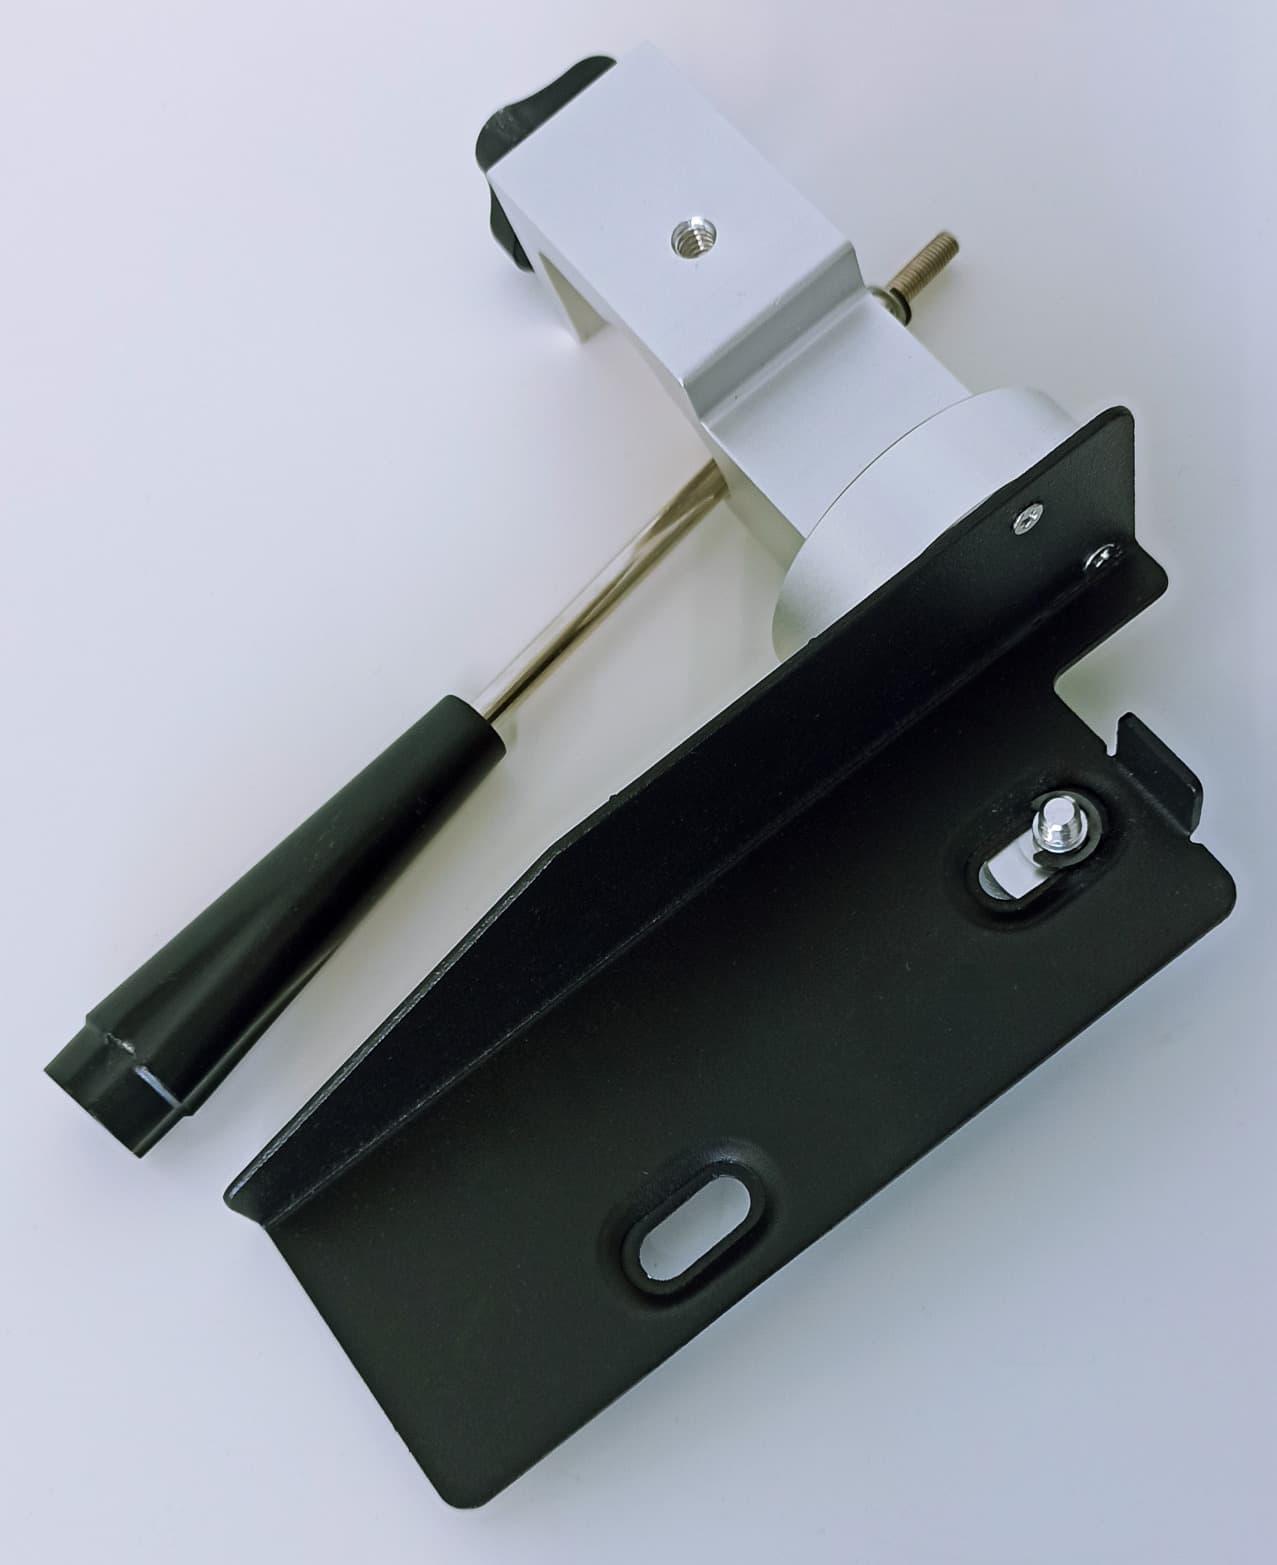 Supporto Distanziometro per Astapalina 32mm